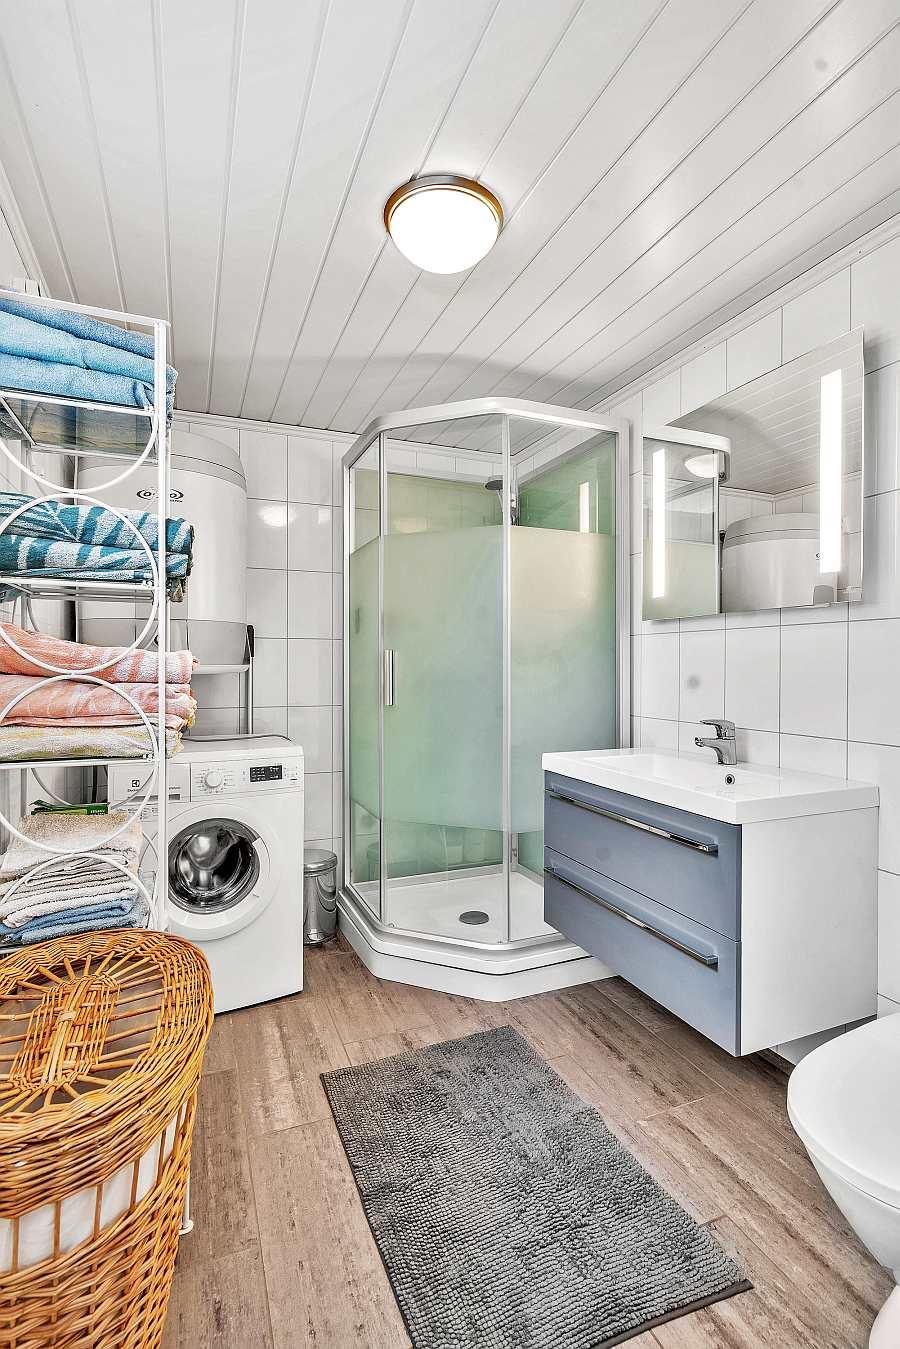 Das Badezimmer des Ferienhauses mit Dusche, WC und einer Waschmaschine